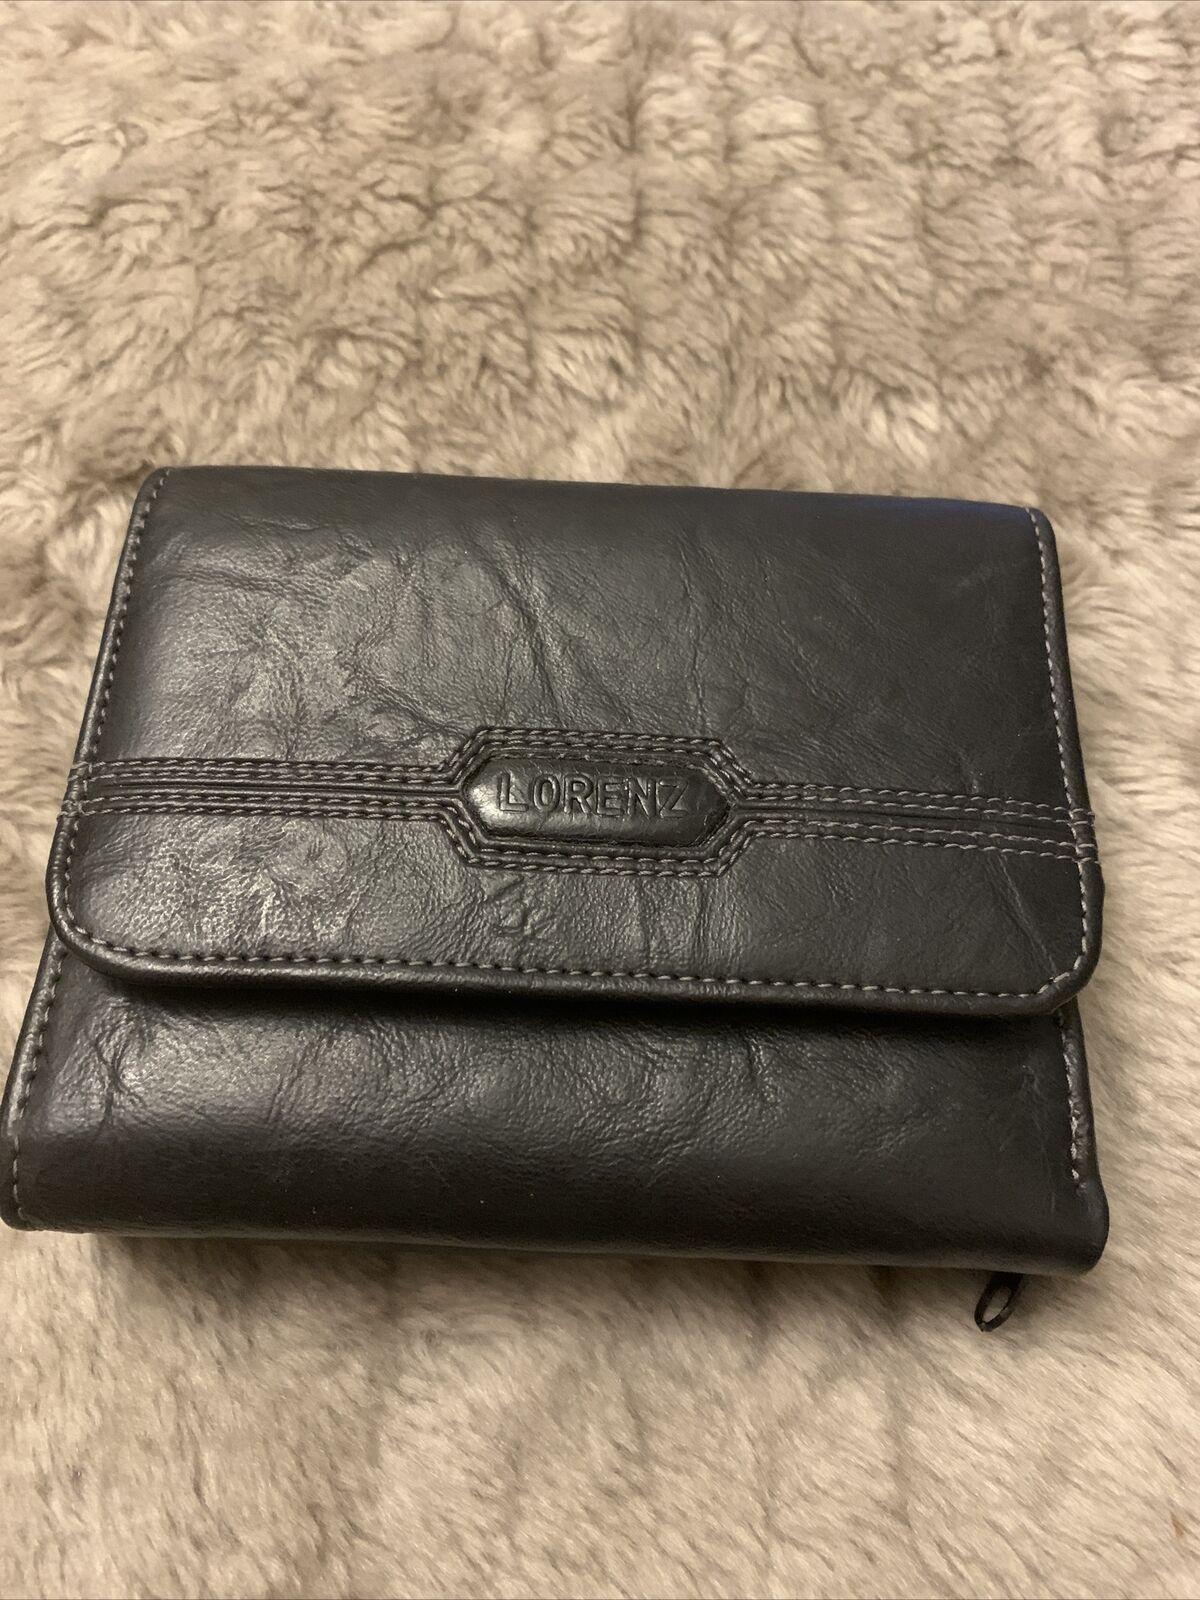 Lorenz purse, Brown